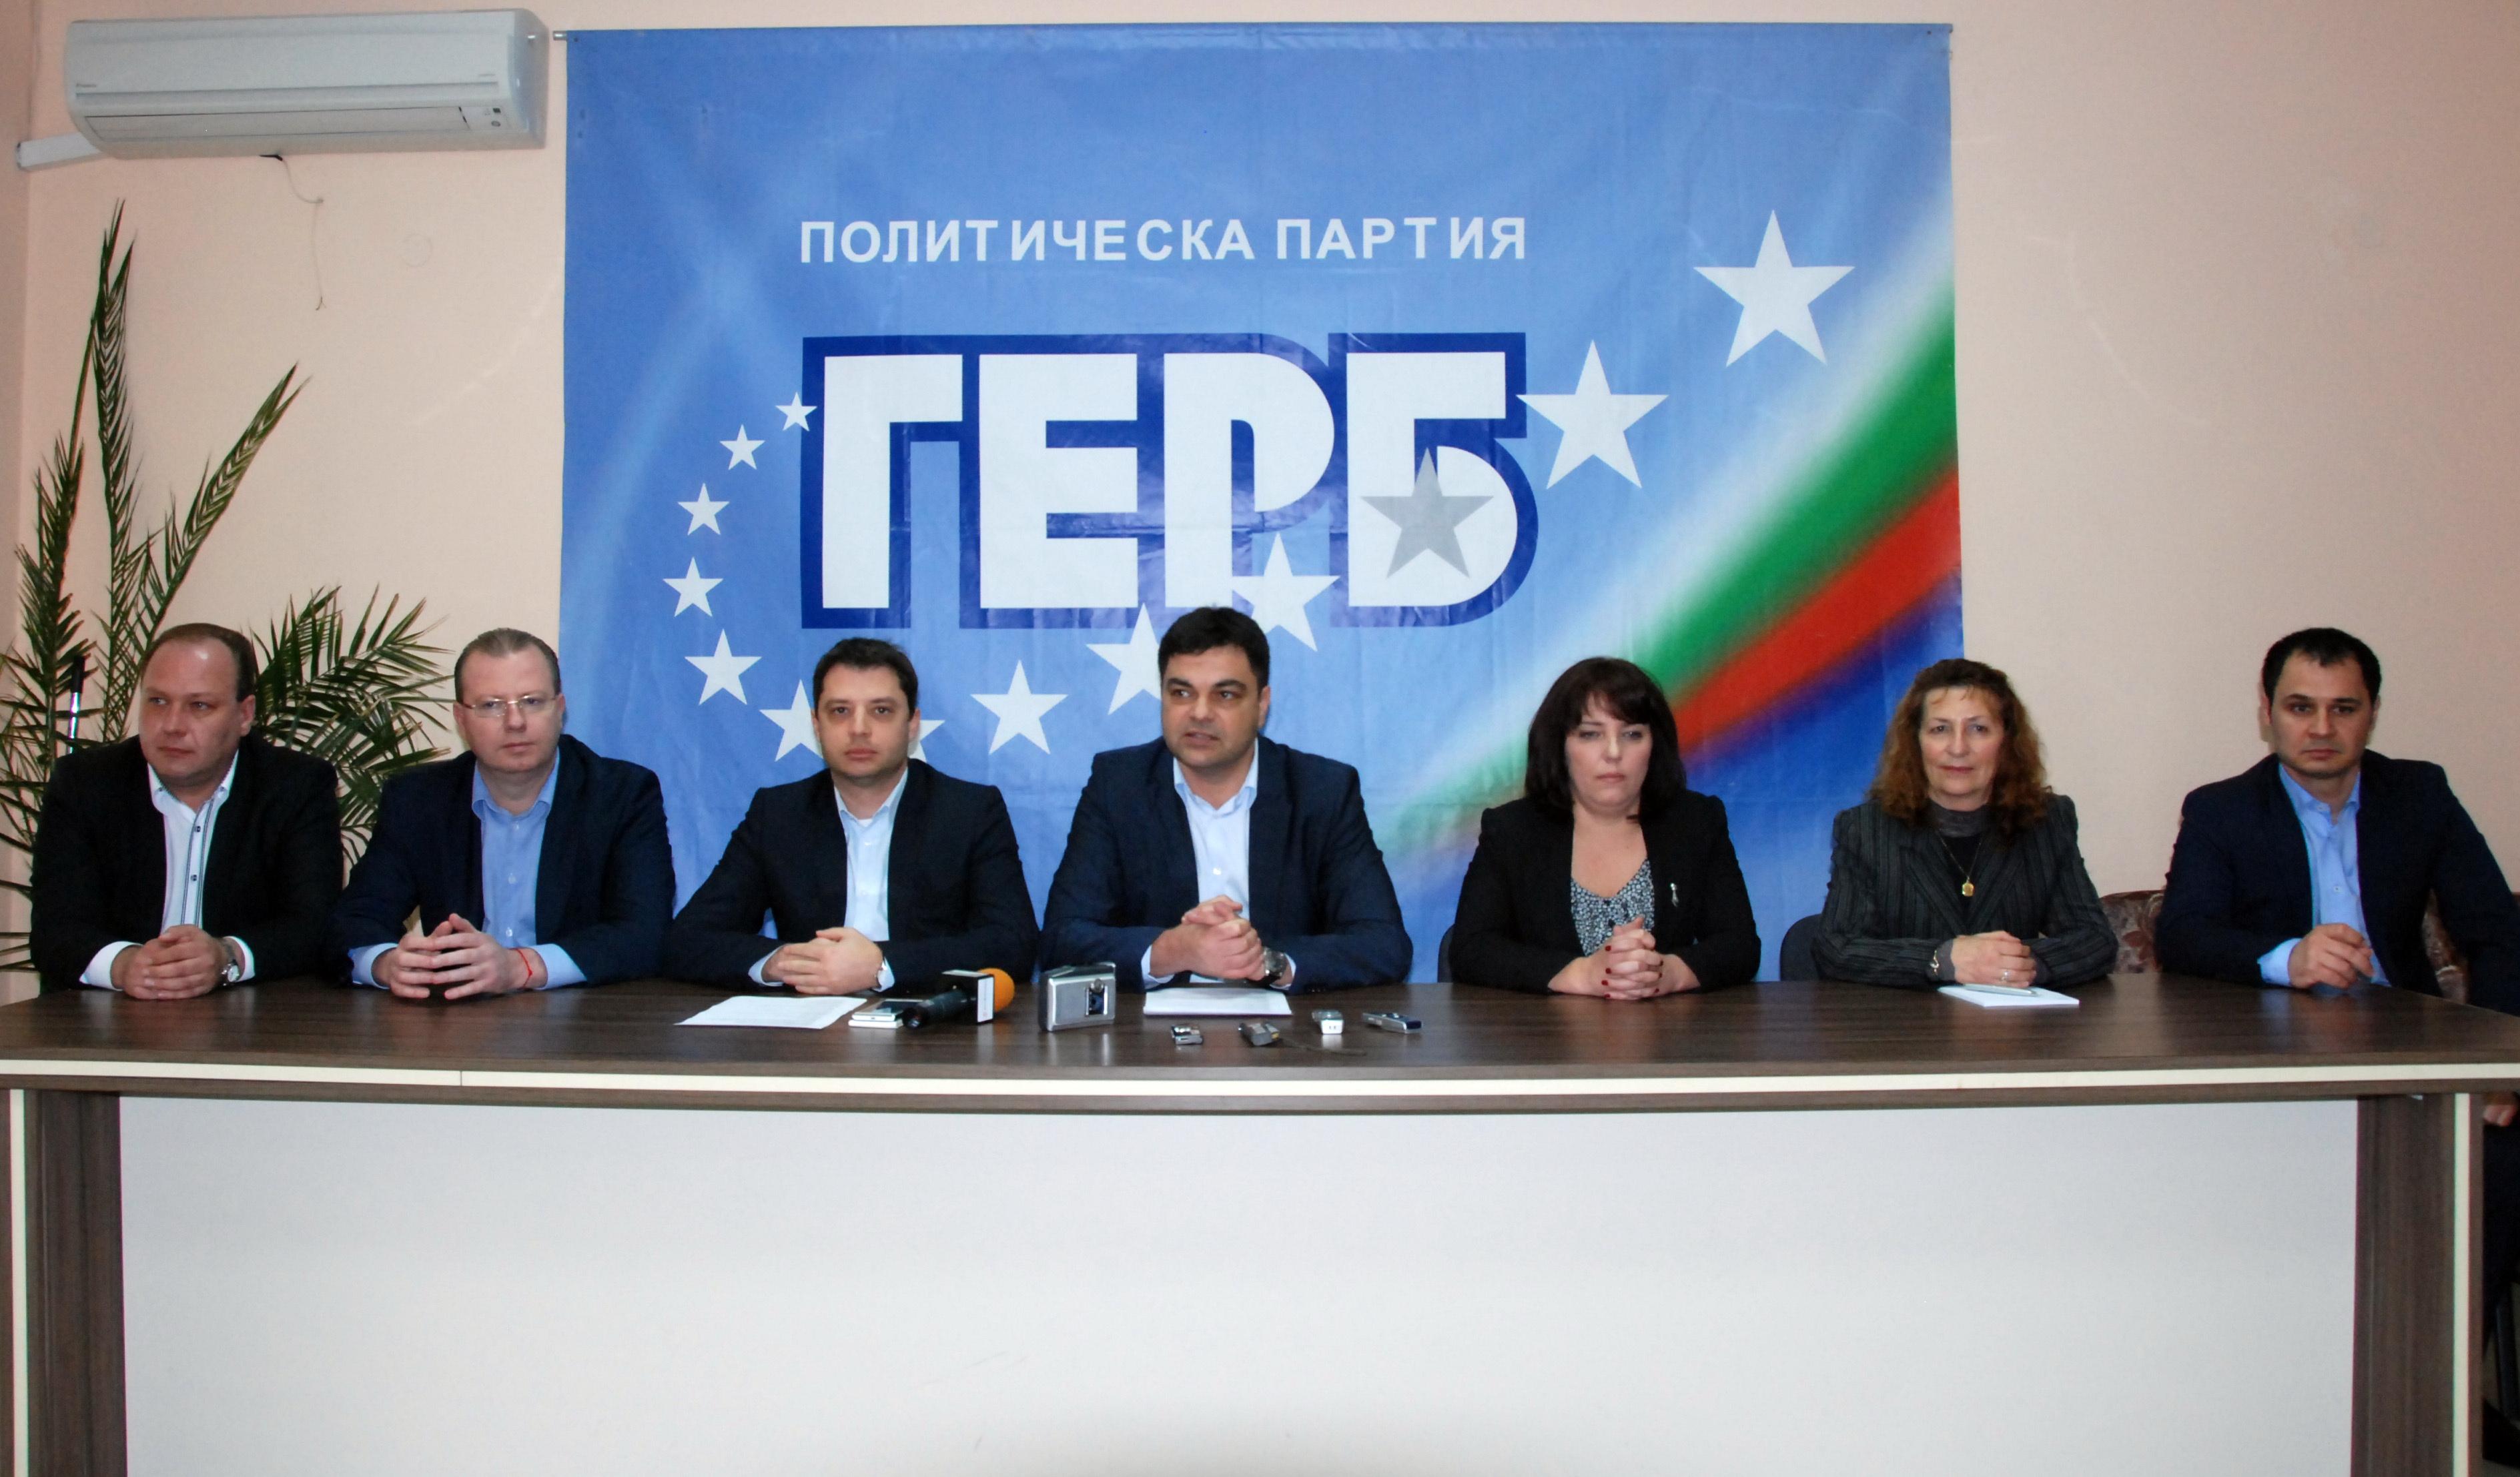 Проф. Цонка Каснакова  влиза в парламента като депутат от ГЕРБ